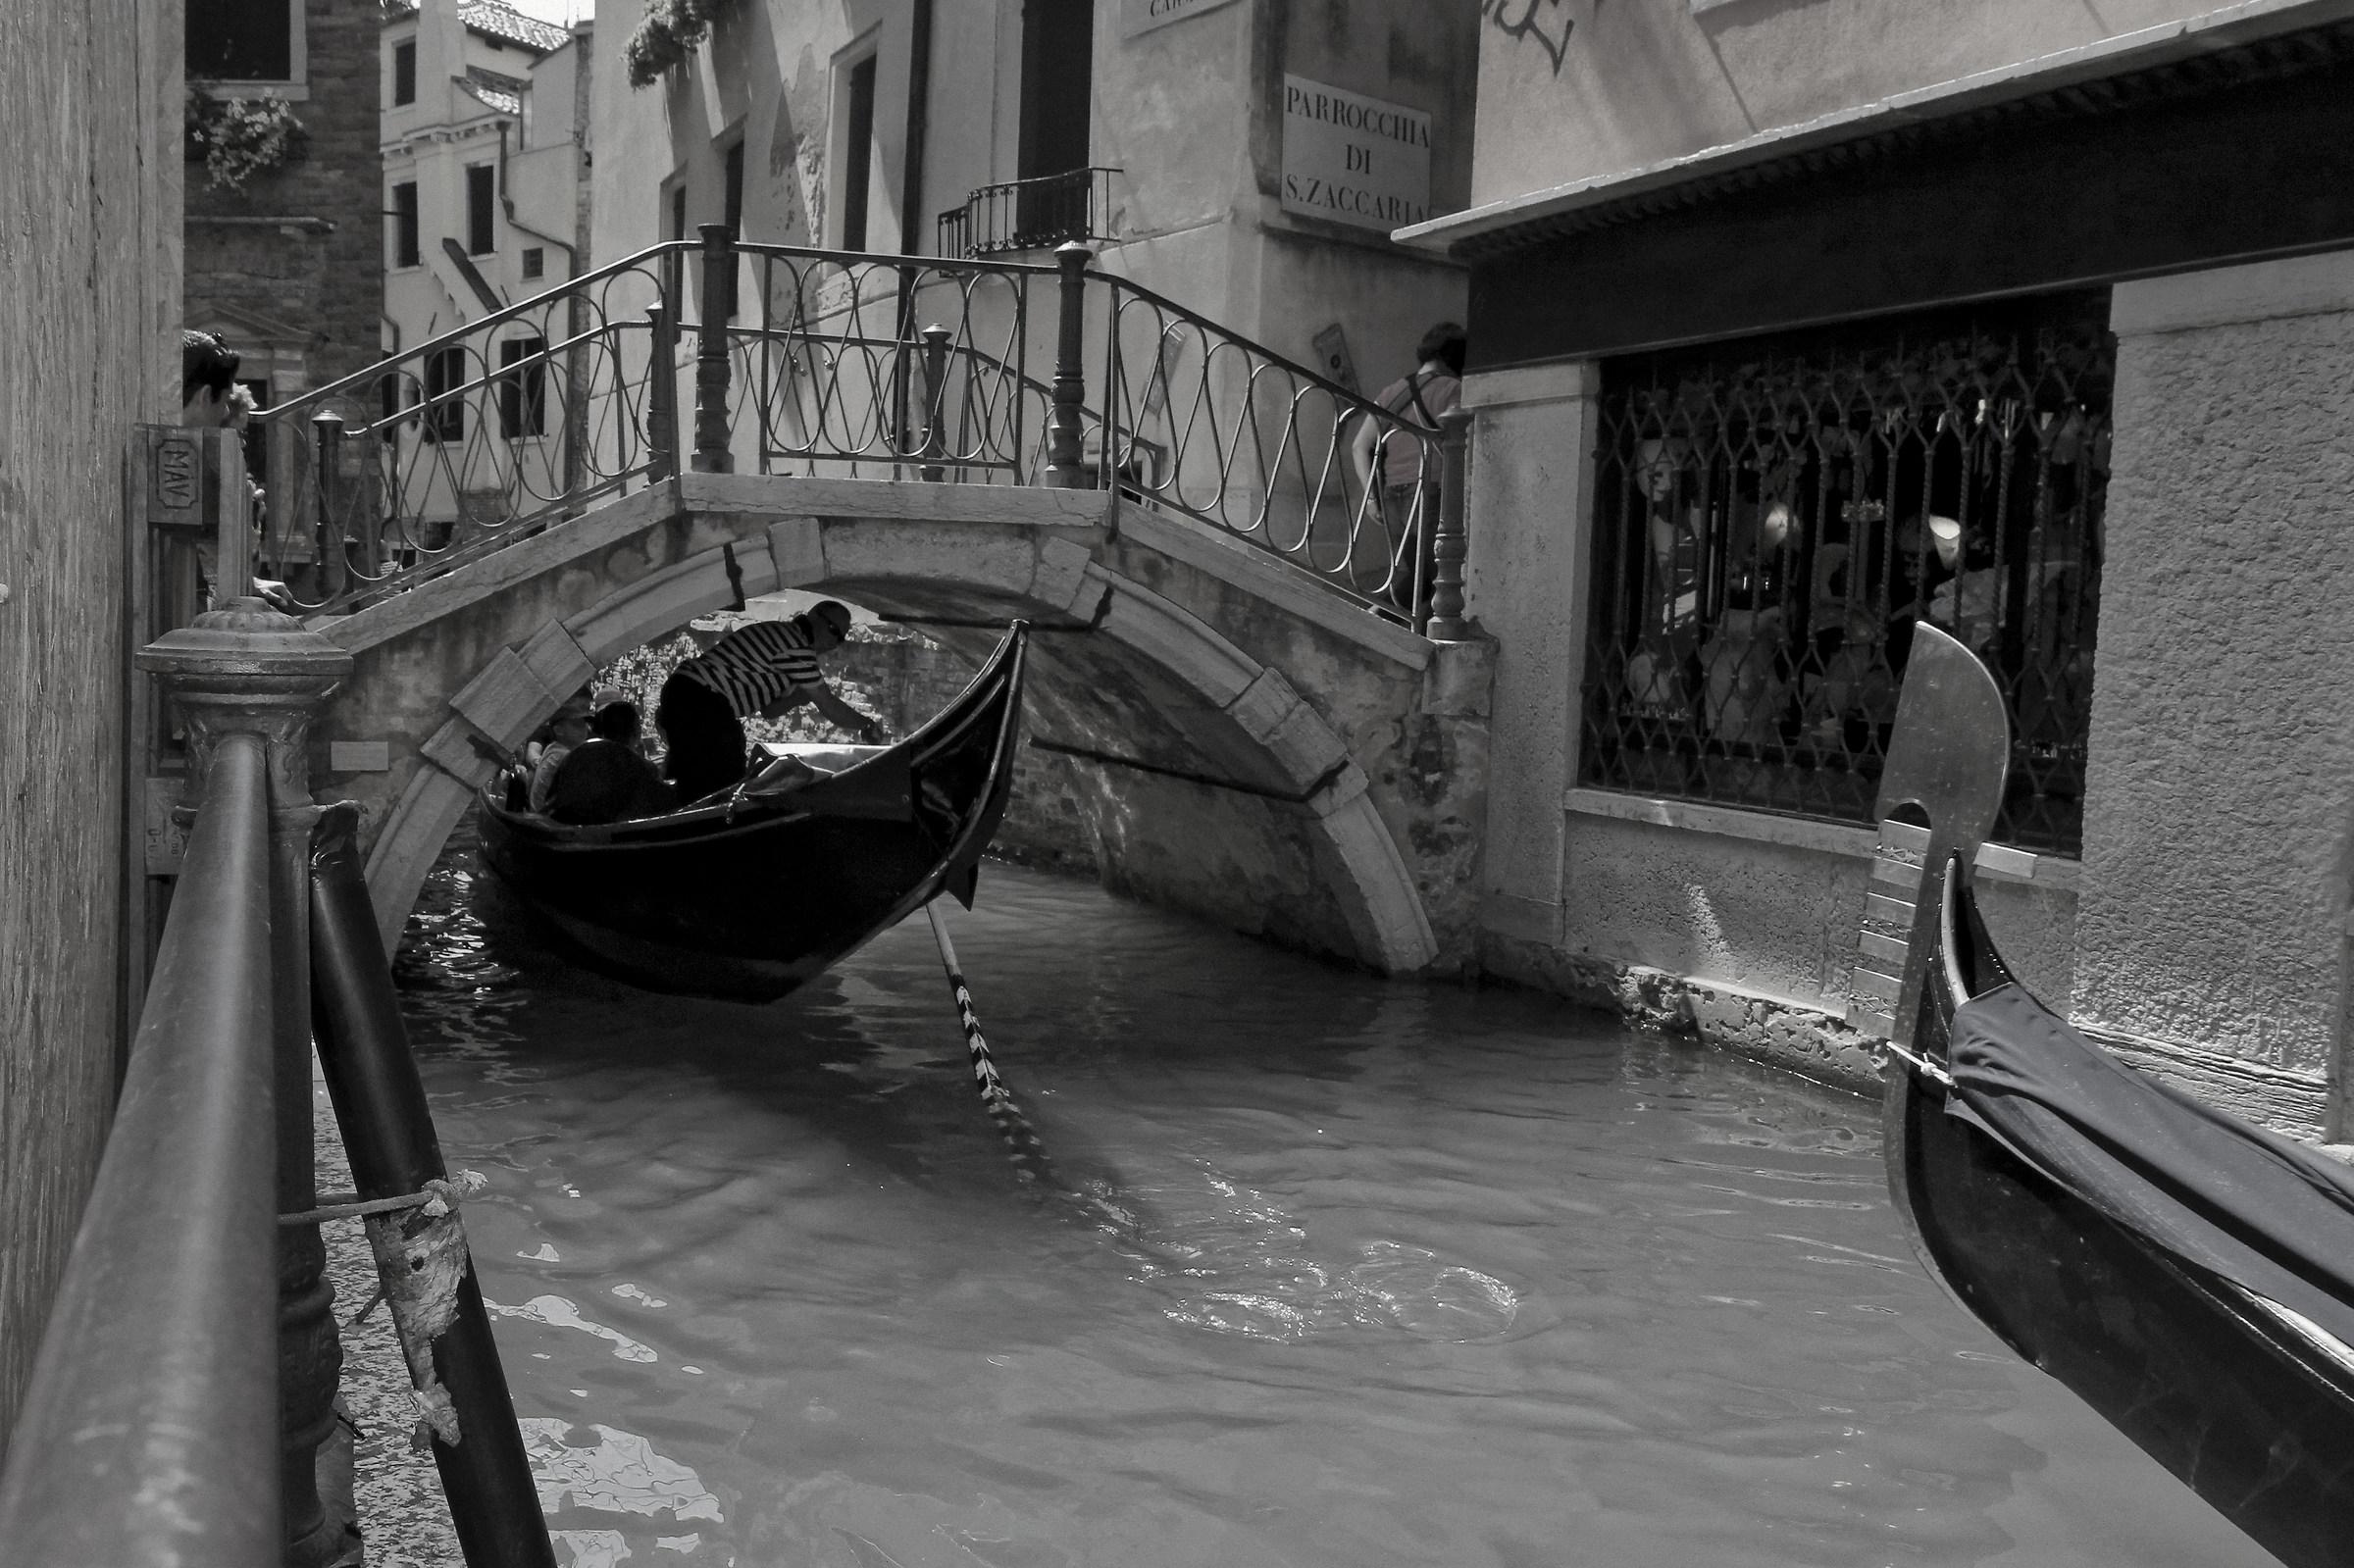 Venezia Black & White...